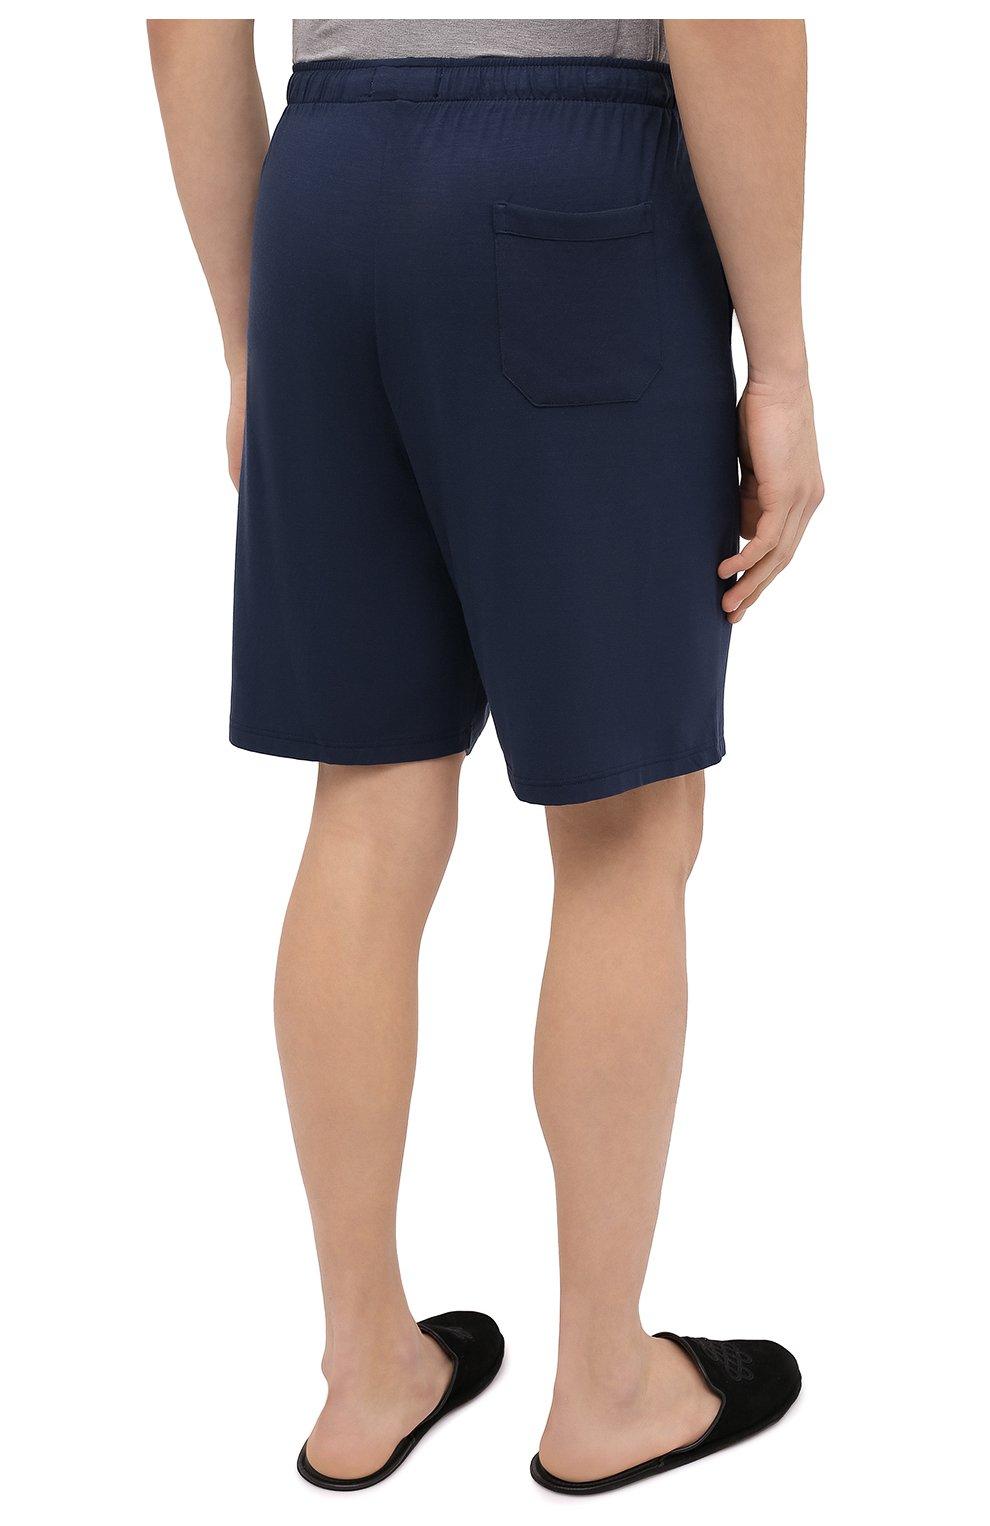 Мужские домашние шорты DEREK ROSE синего цвета, арт. 3559-BASE001 | Фото 4 (Кросс-КТ: домашняя одежда; Материал внешний: Синтетический материал)